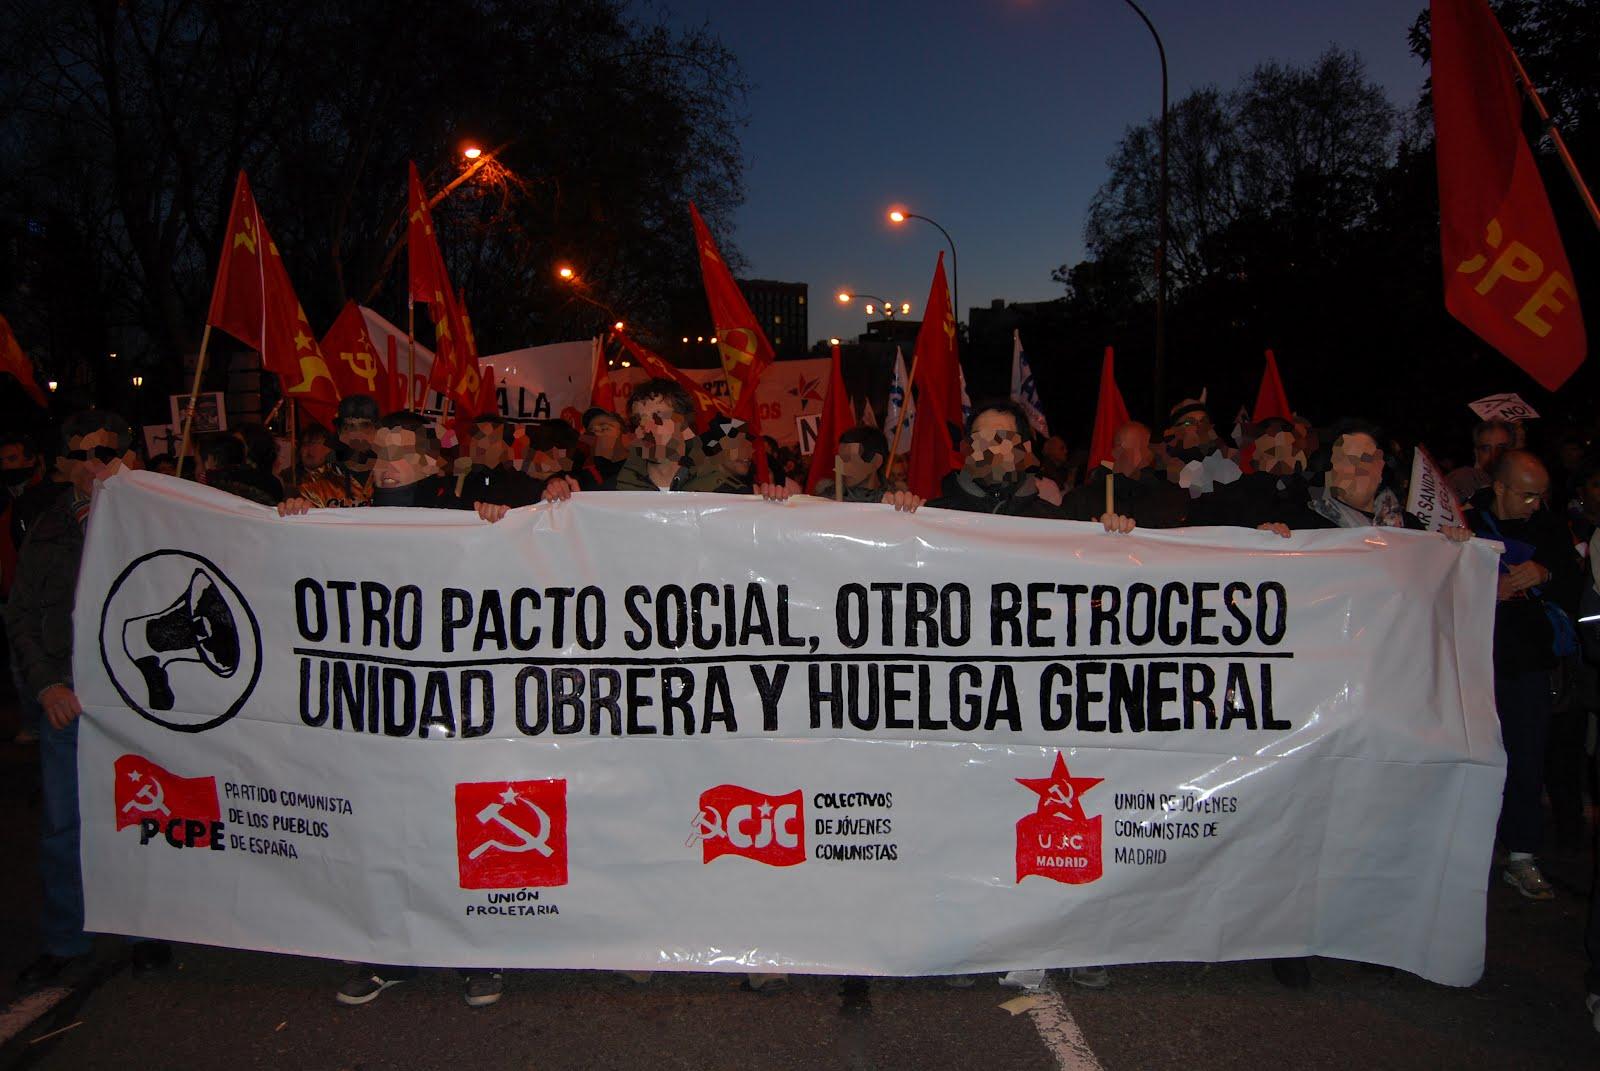 [Madrid] Bloque rojo contra los recortes Buena